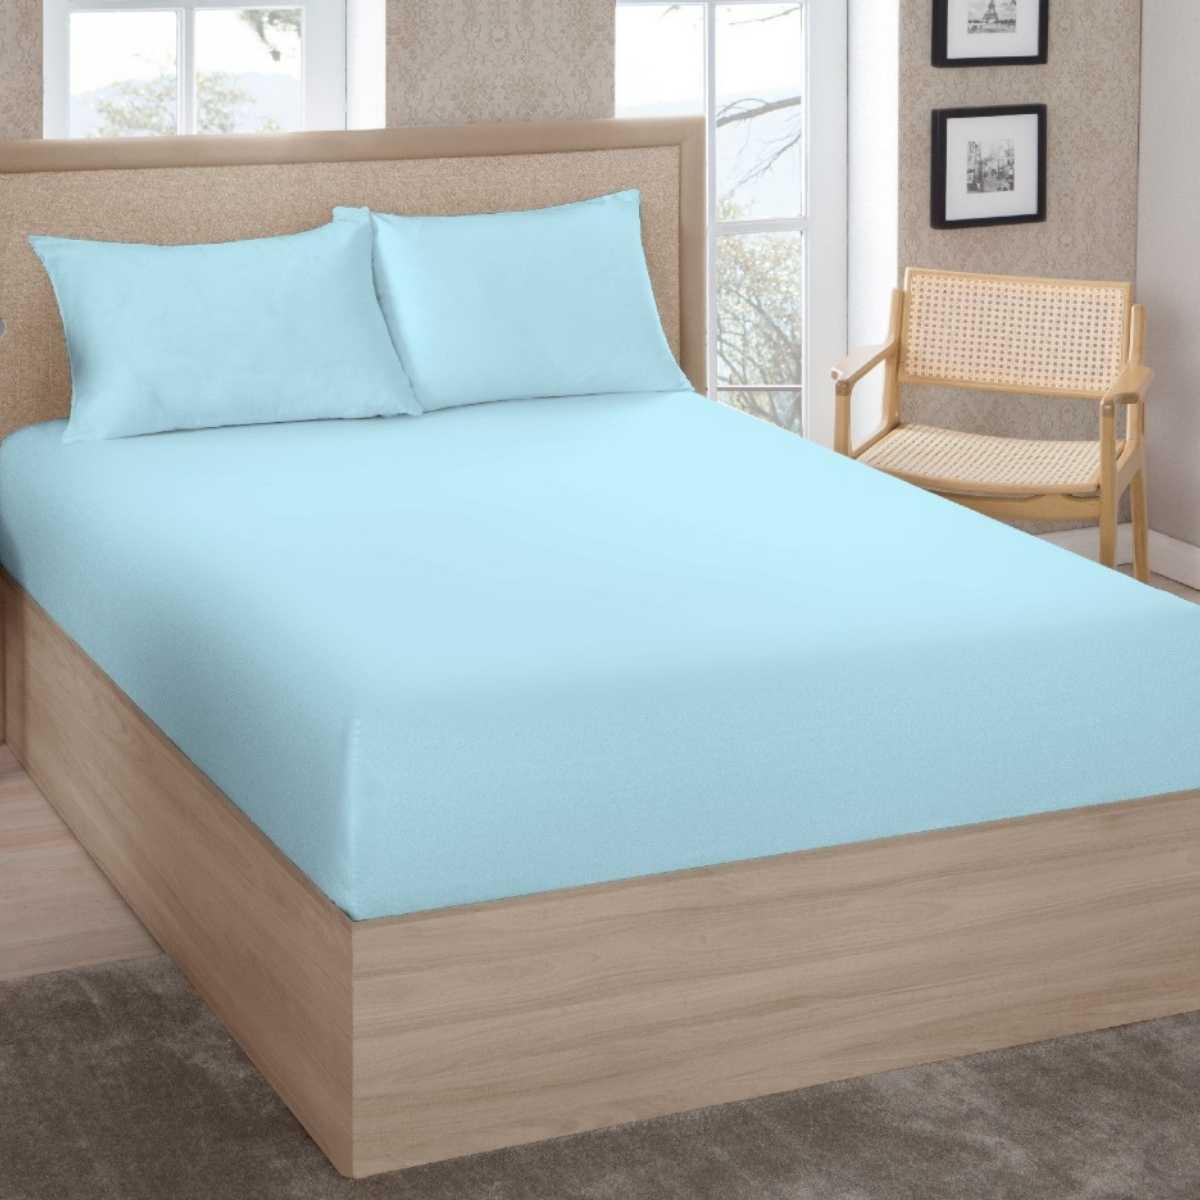 Lençol Premium Solteiro 200 Fios 100% Algodão C/Elástico Azul